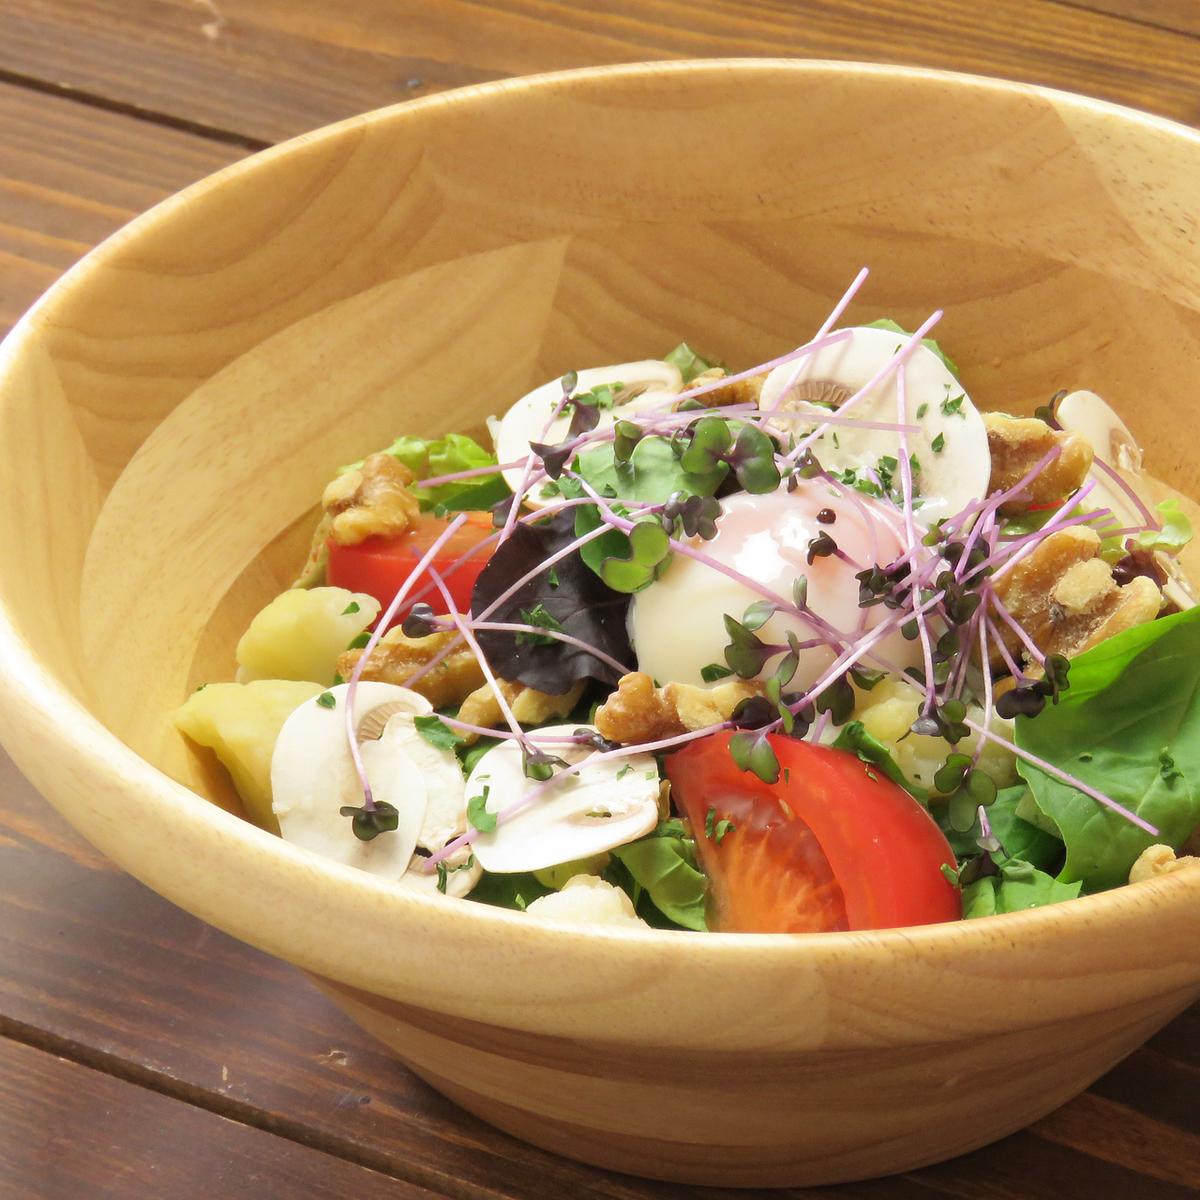 ルッコラとクルミの塩サラダ